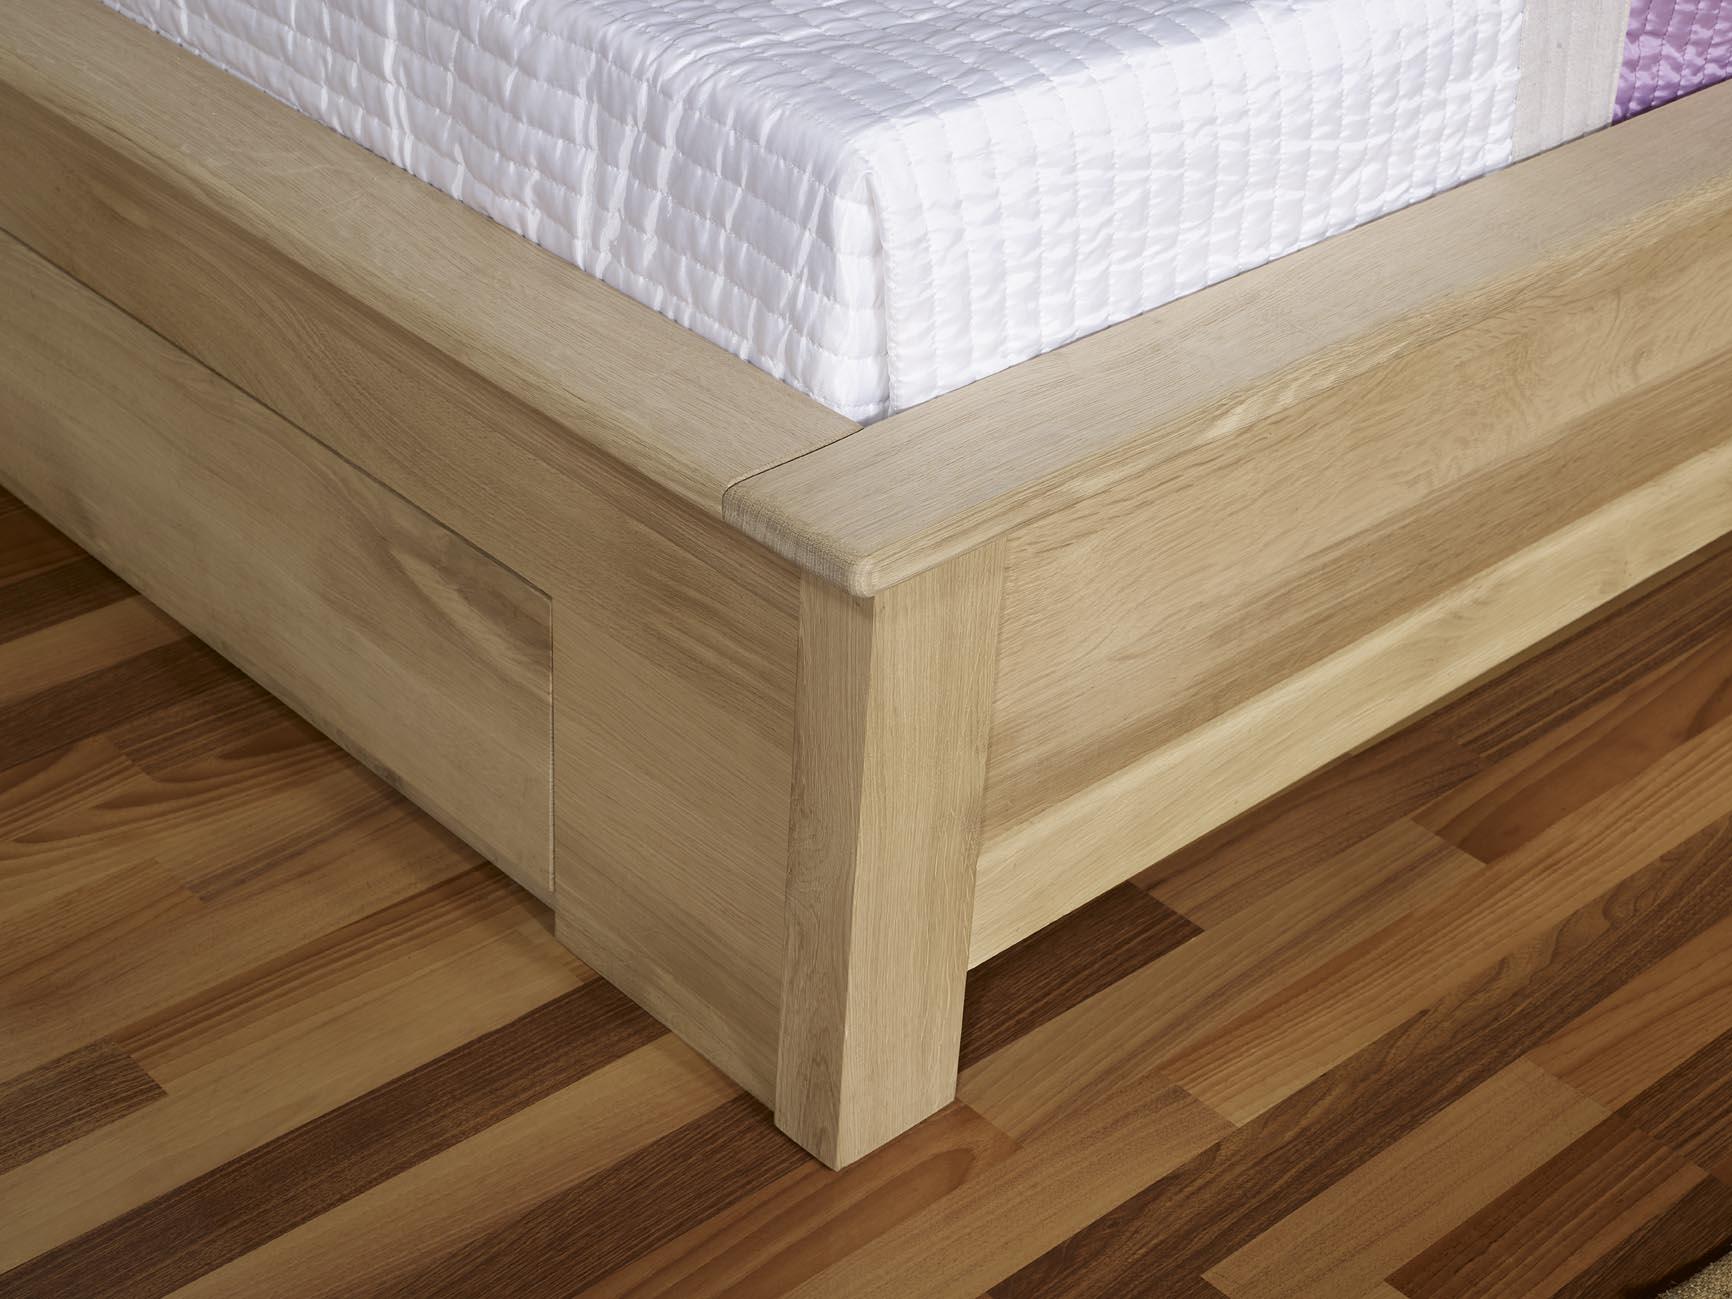 lit collection nature 120 190 en ch ne massif avec tiroirs finition traditionnelle meuble en ch ne. Black Bedroom Furniture Sets. Home Design Ideas